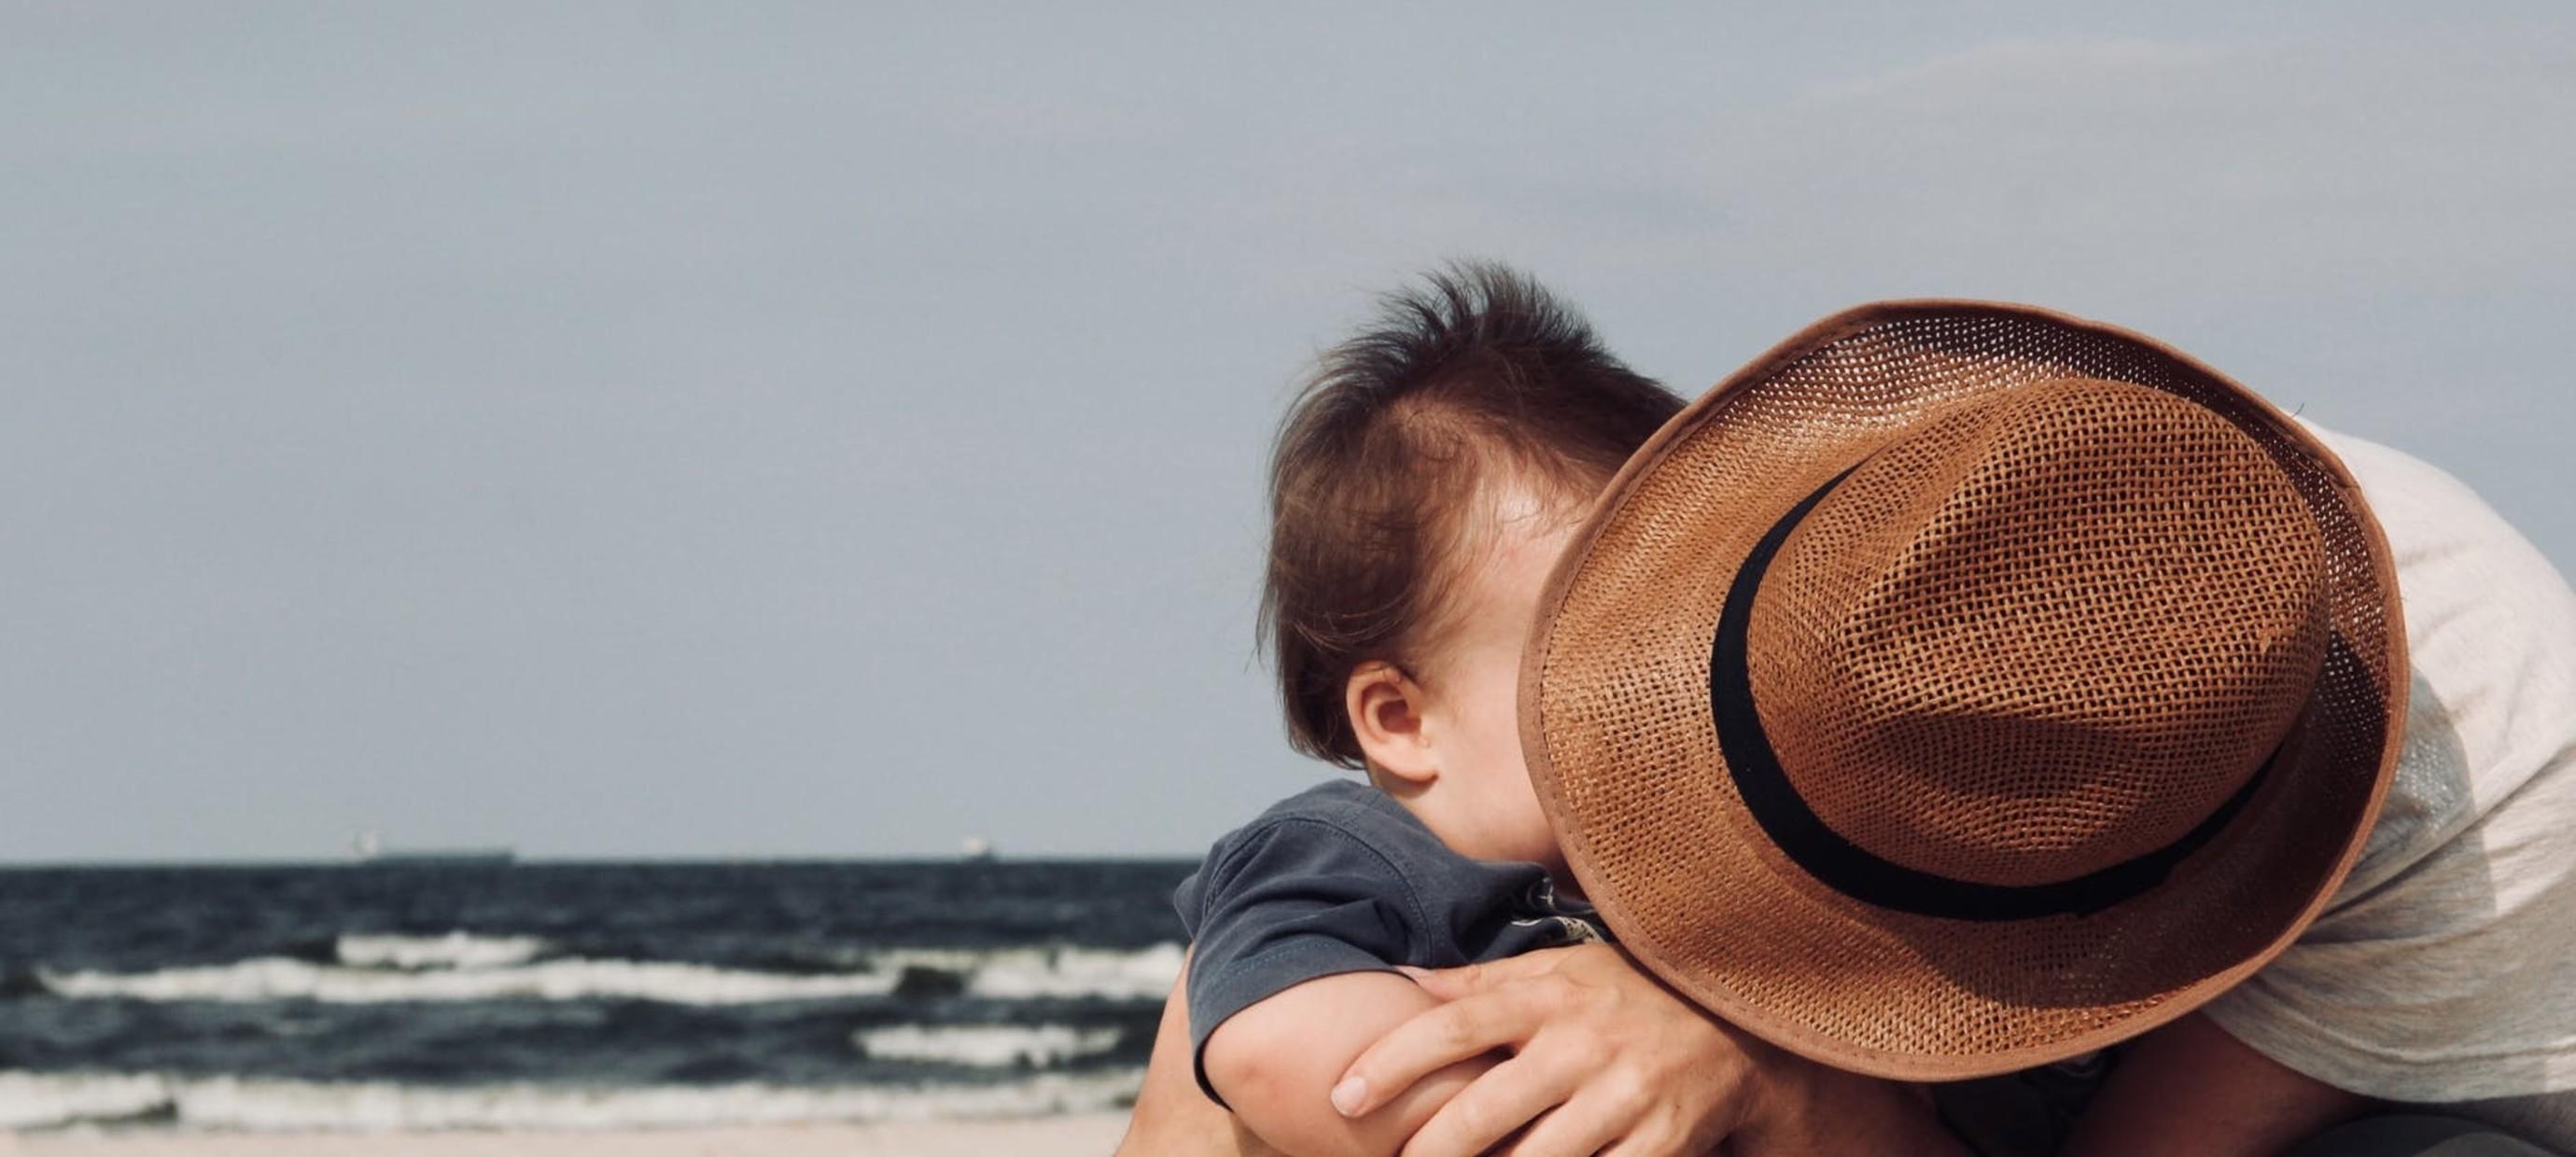 Zorg voor de toestemmingsverklaring van je kind als je op vakantie gaat